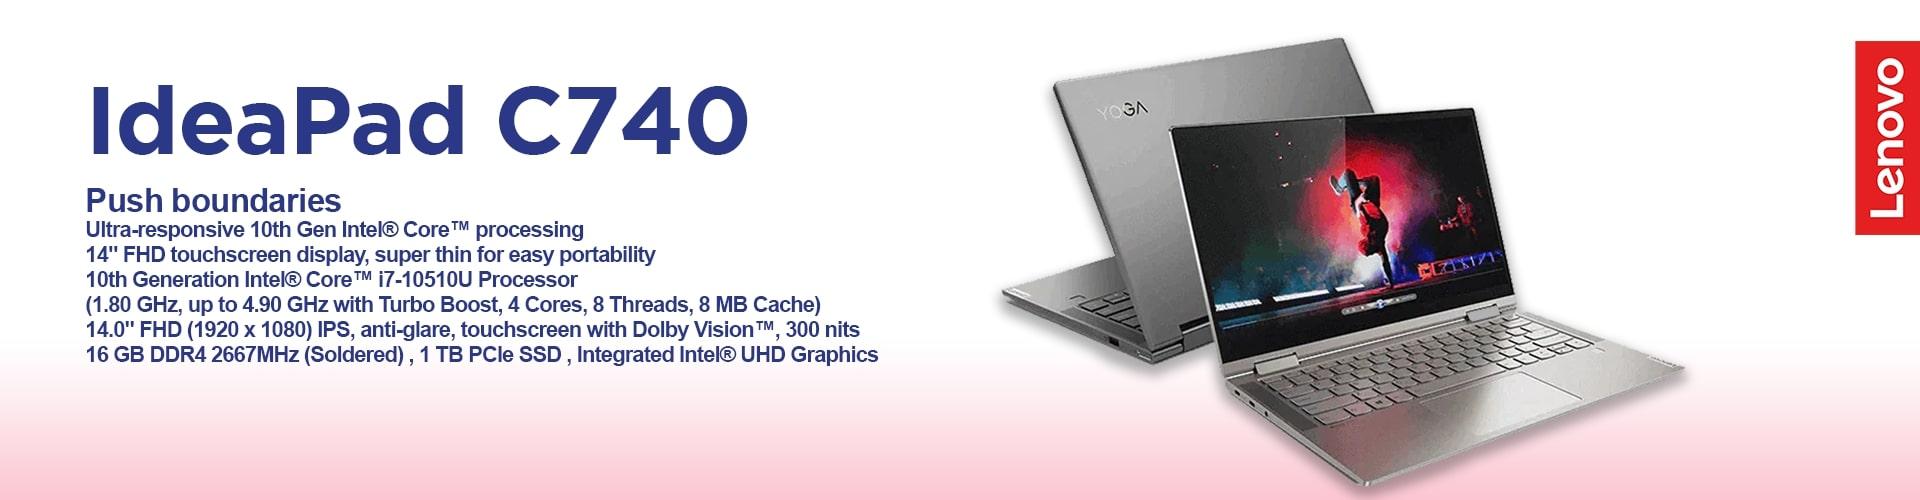 IdeaPad C740-2